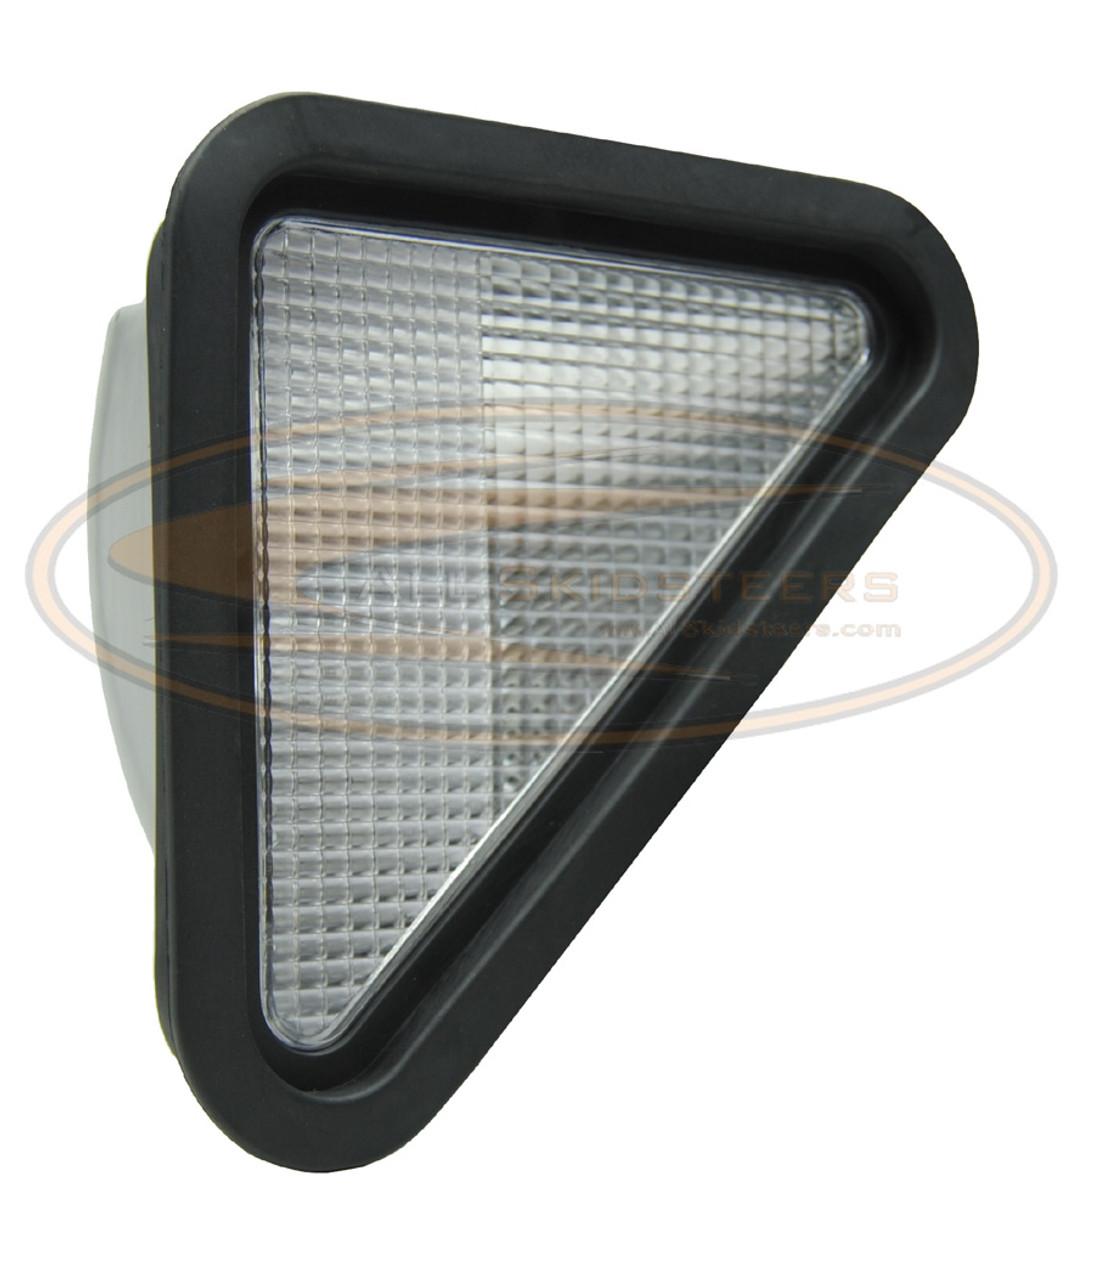 Right Headlight Lamp Lens Light for Bobcat T110 T140 T180 T190 T200 Skid Steer